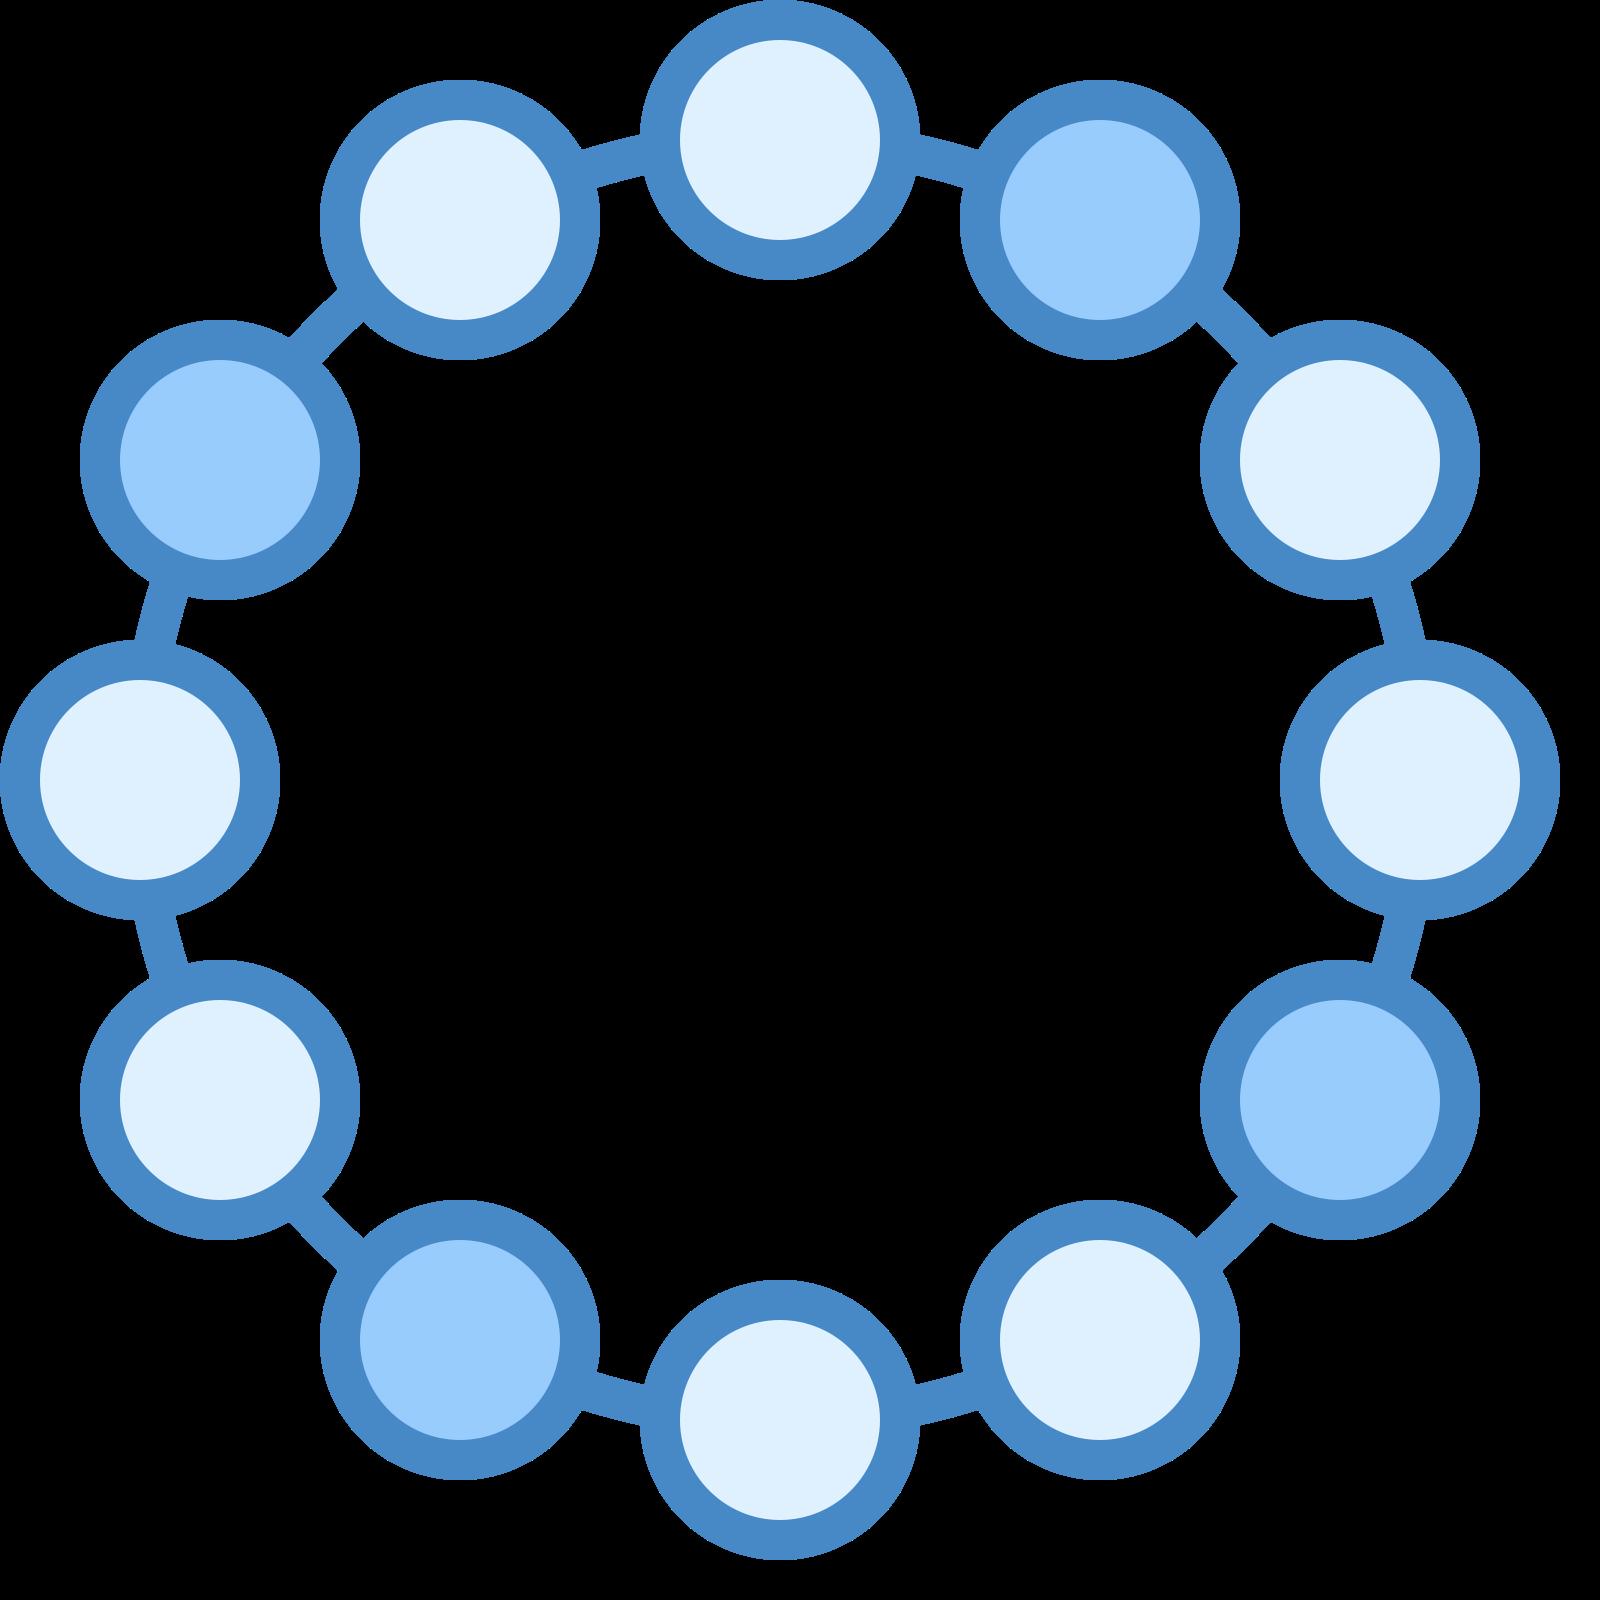 ブレスレット icon. The image is of a circle. The circle is composed of little circles that are connected by dashes in between each on that completes the circle. There is nothing in the center of the circle or on the outside of it.